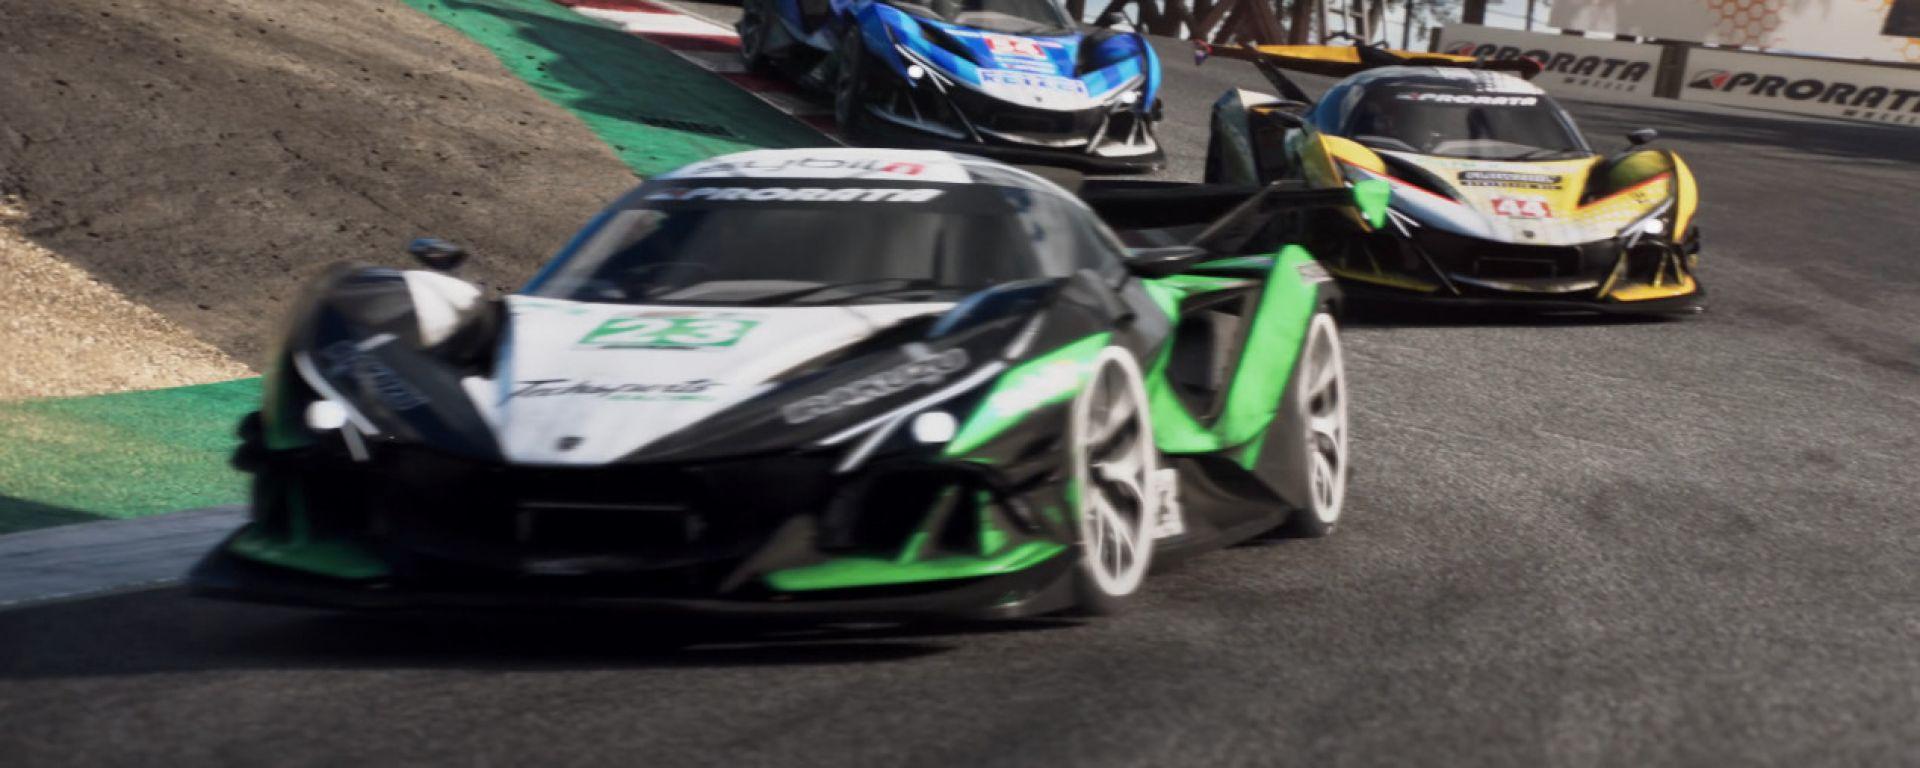 Forza Motorsport 8: il videogioco arriverà con la nuova consolle Xbox Series X